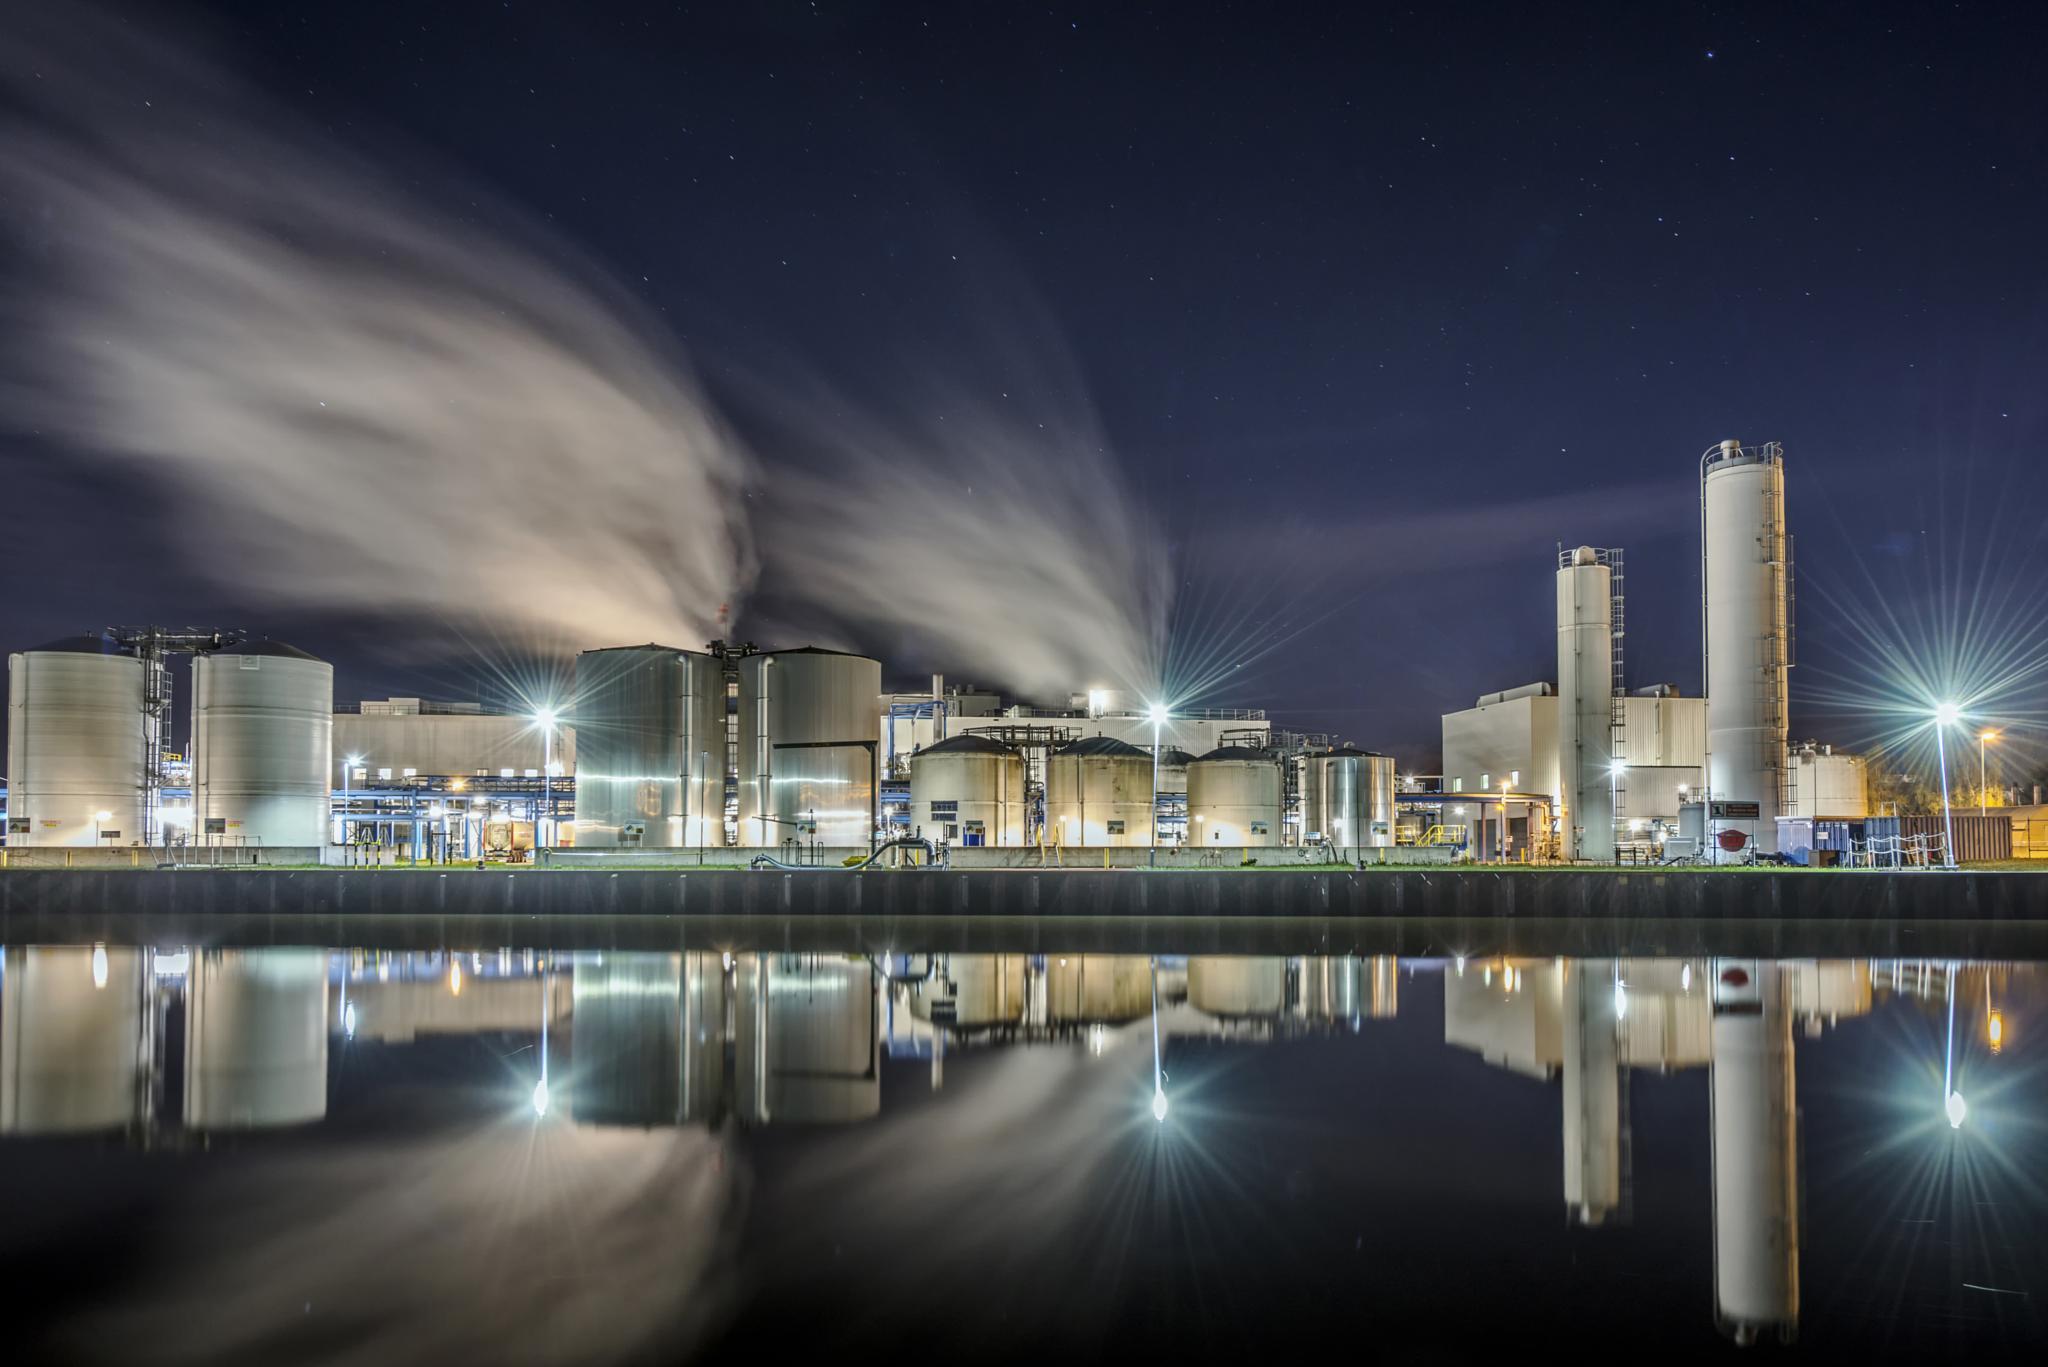 Industrial reflections by R van Wijk